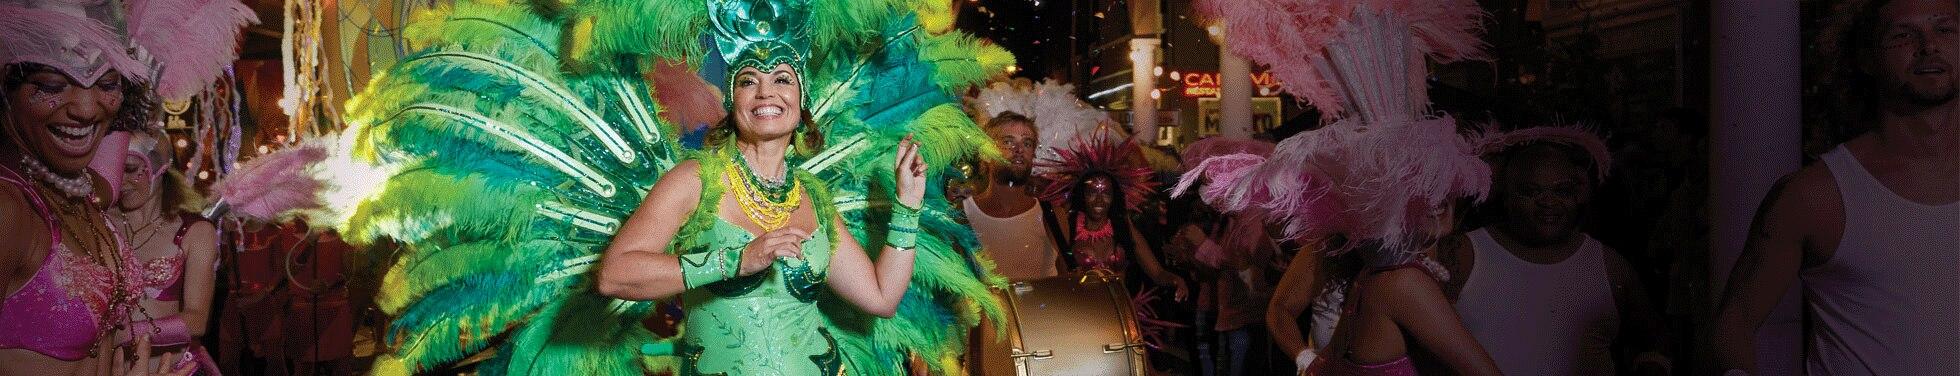 Жінки в зеленому пір'ї танцюють на карнавалі